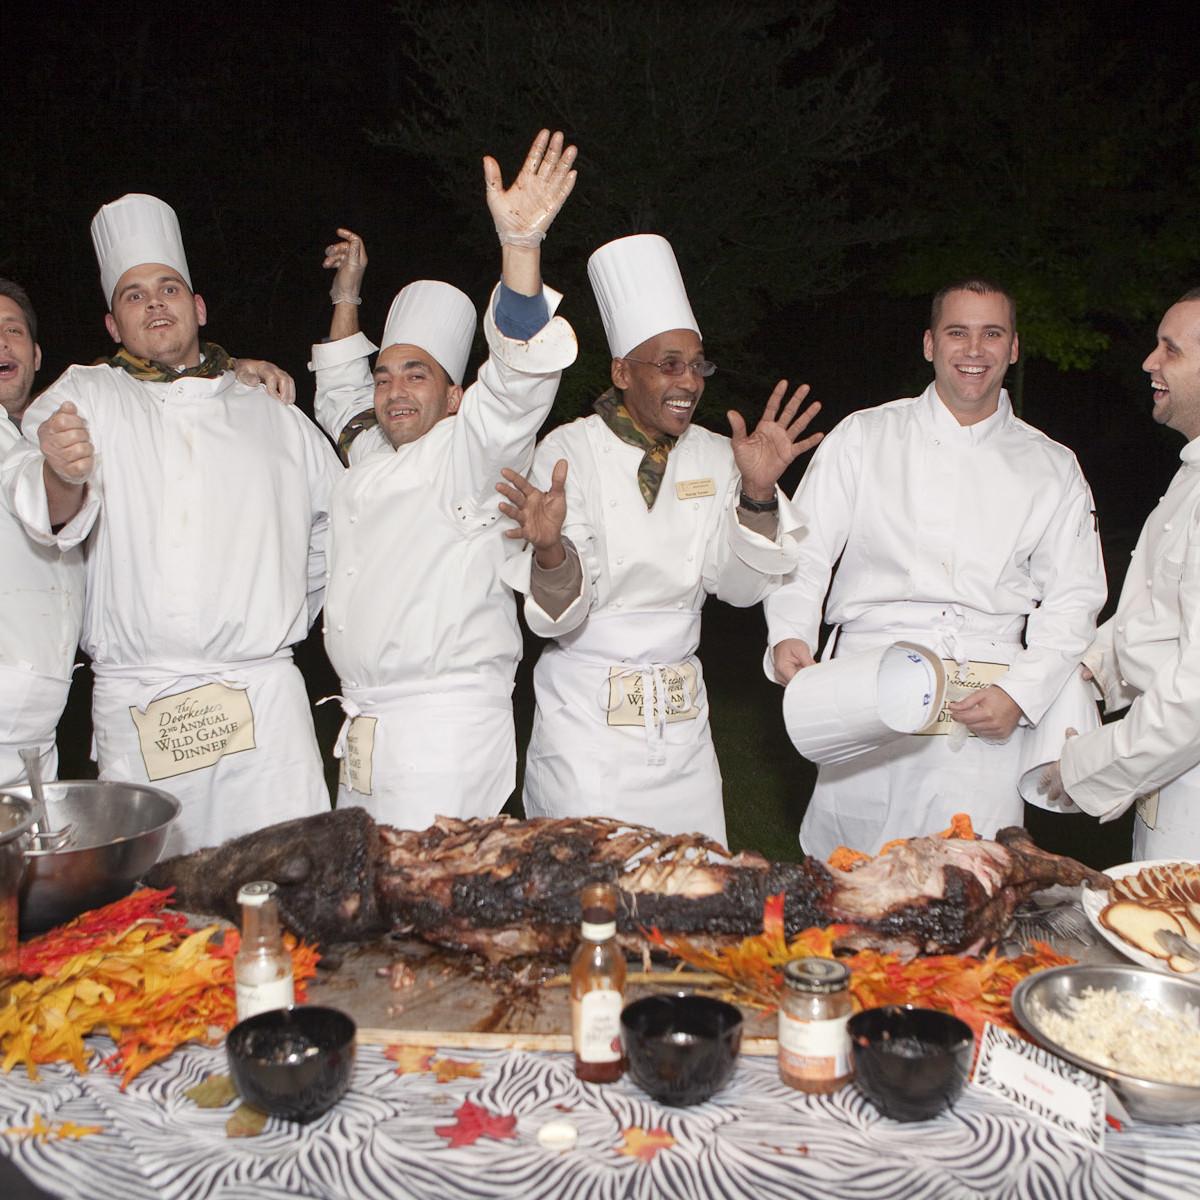 News_Wild Game Dinner Nov. 2009_chef assistants_Open Door Mission